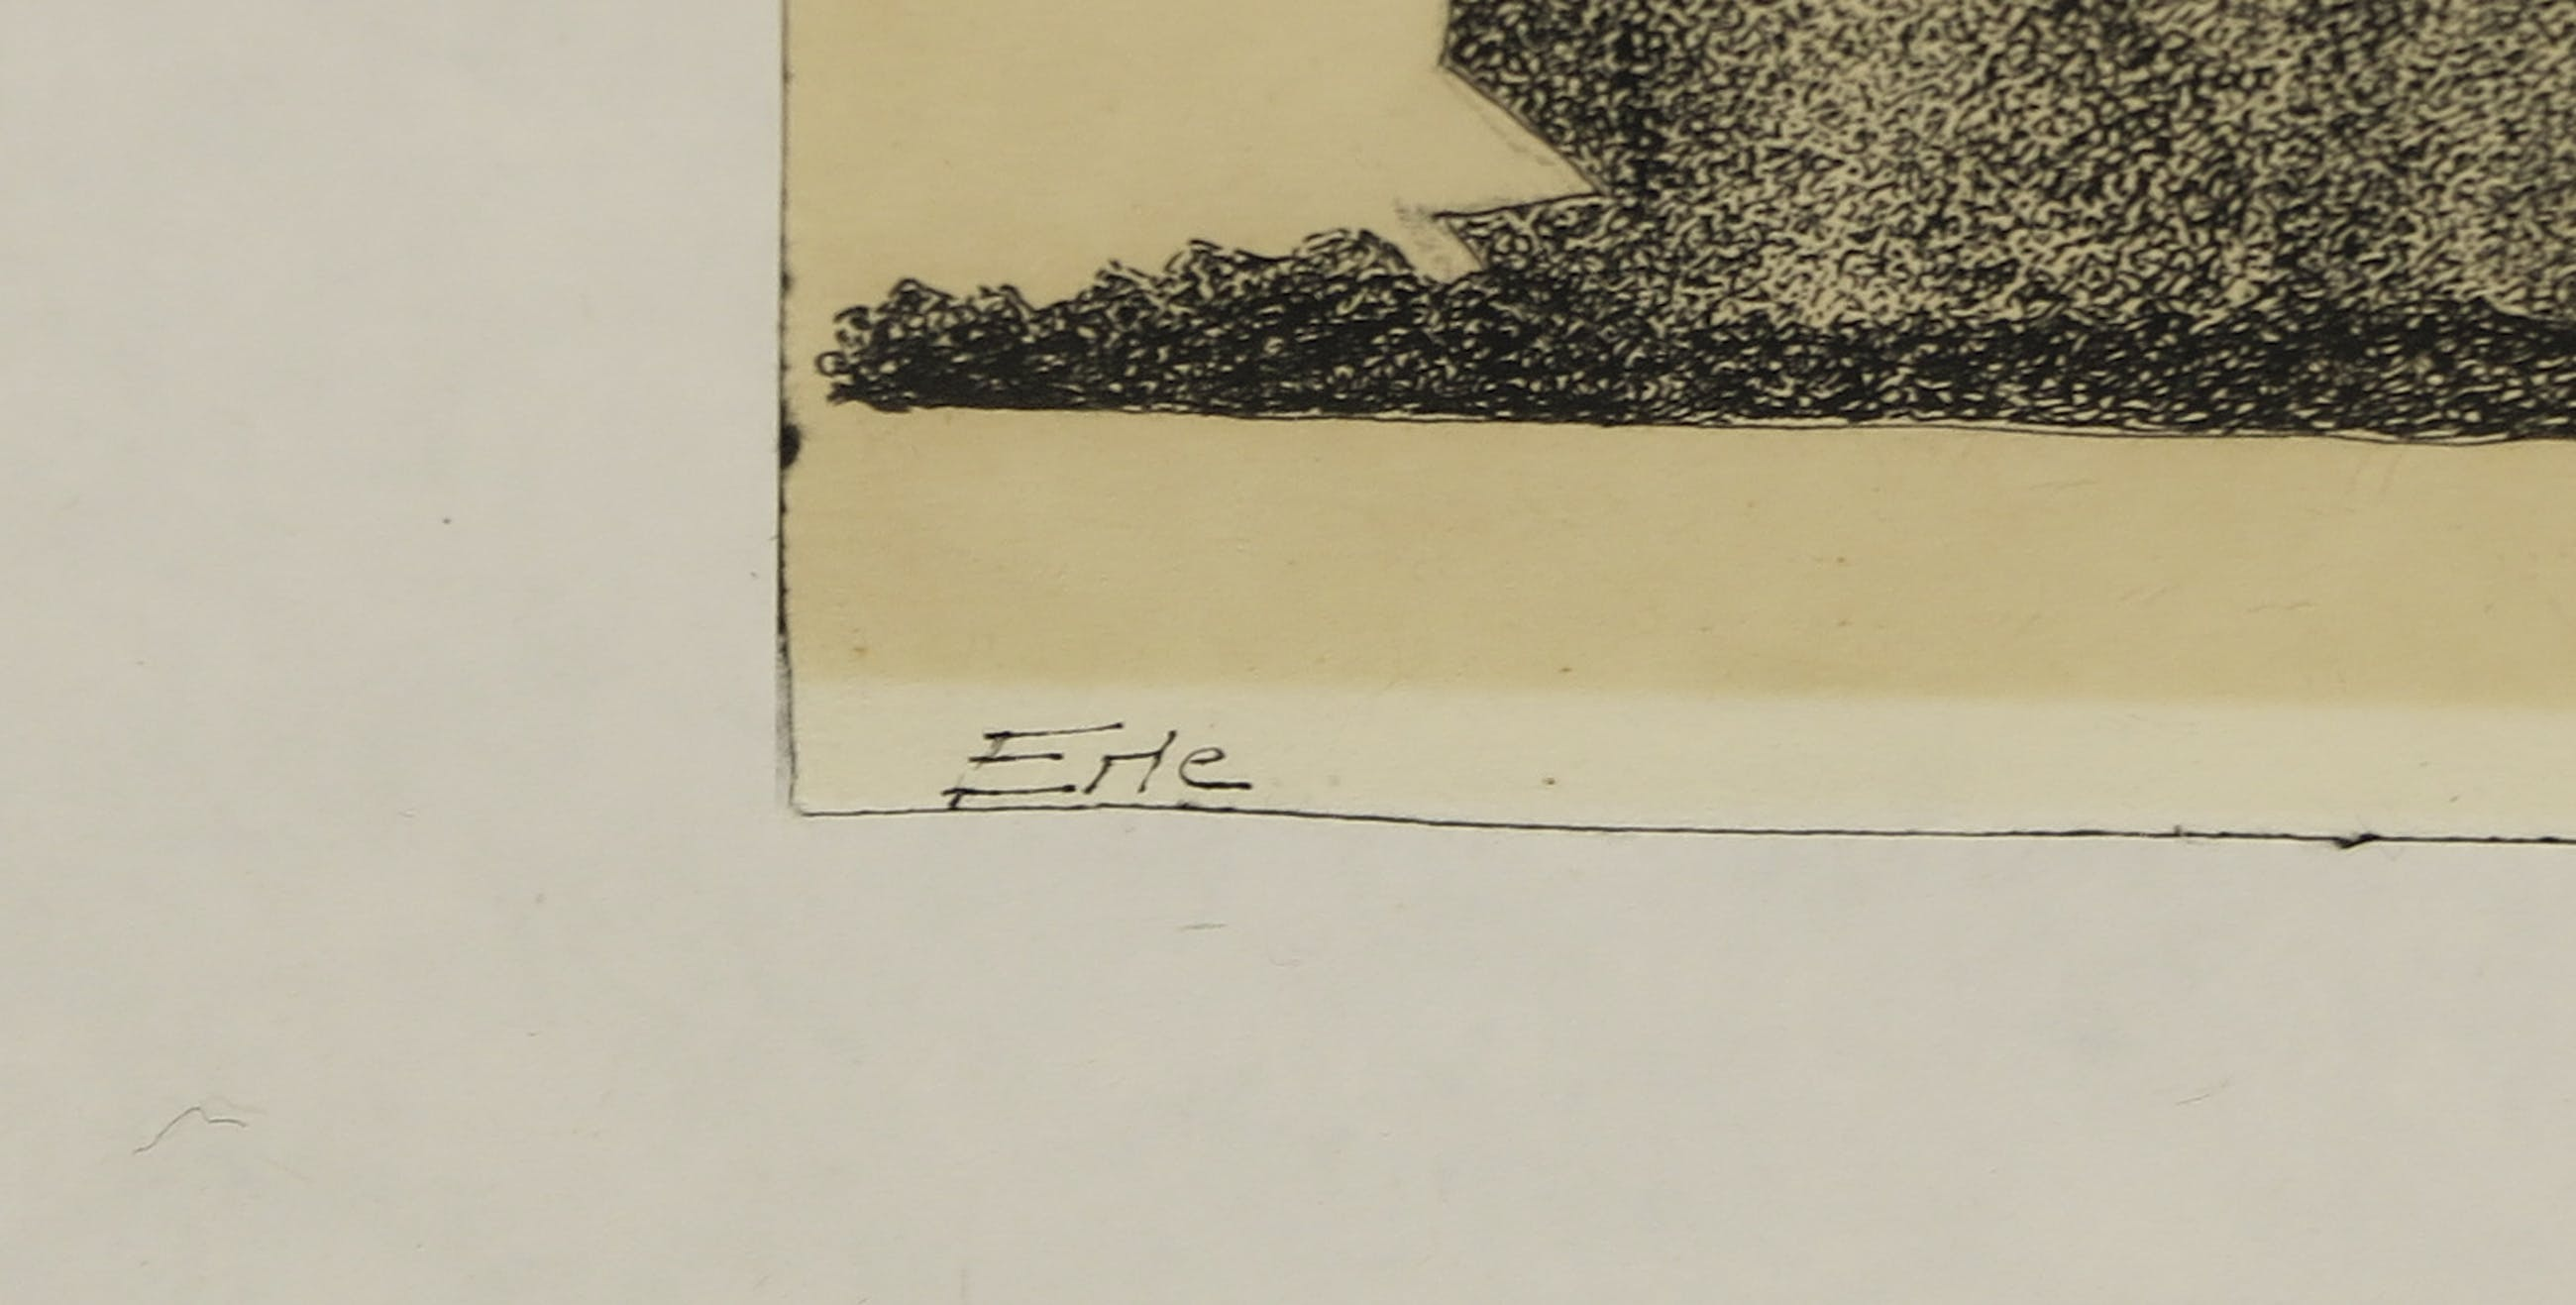 Niet of onleesbaar gesigneerd - Pentekening, Z.T. Slapend figuur - Ingelijst kopen? Bied vanaf 1!